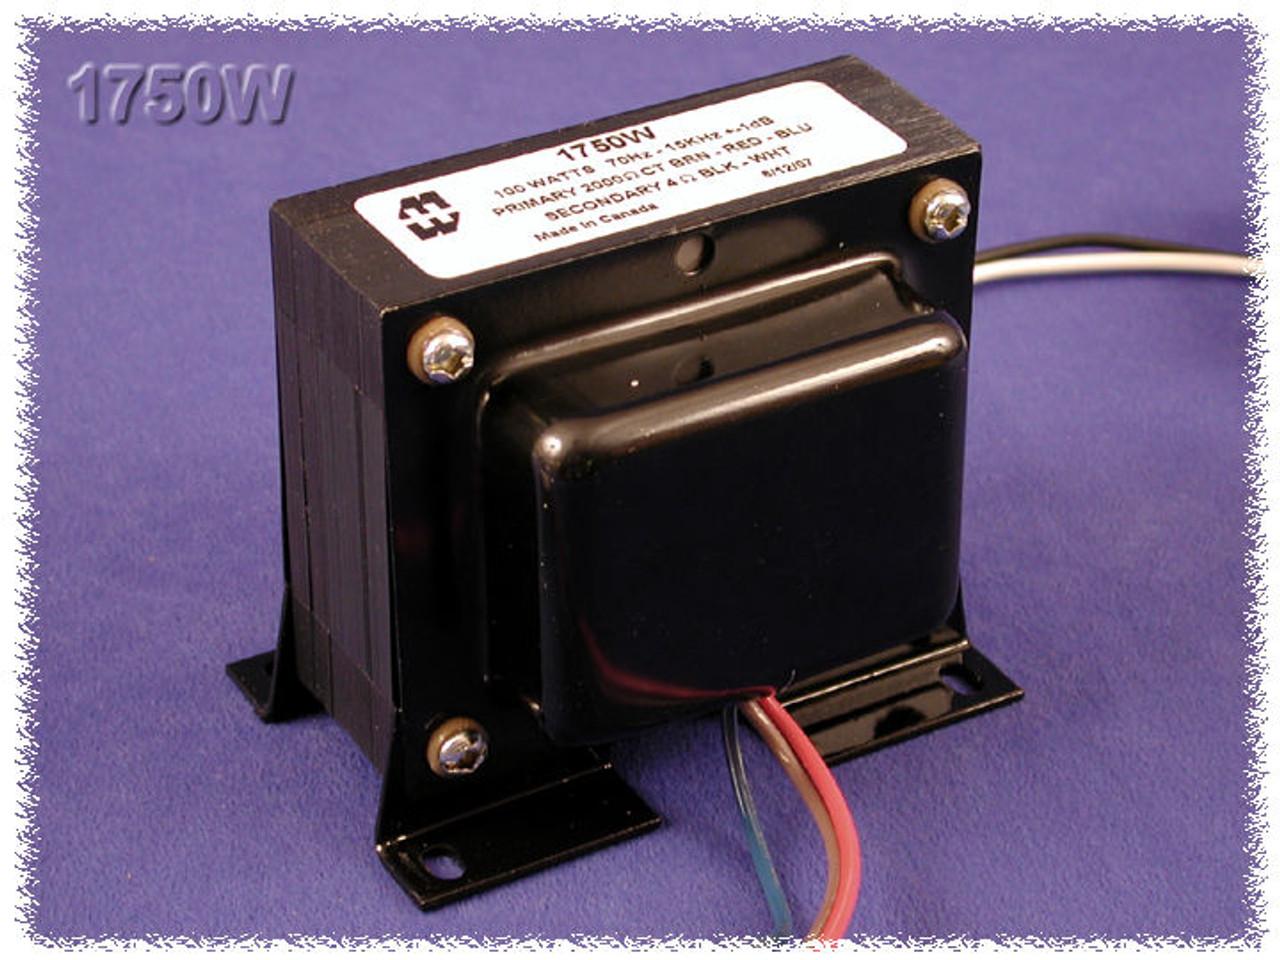 Hammond 1760W - Output Transformer UPGRADE